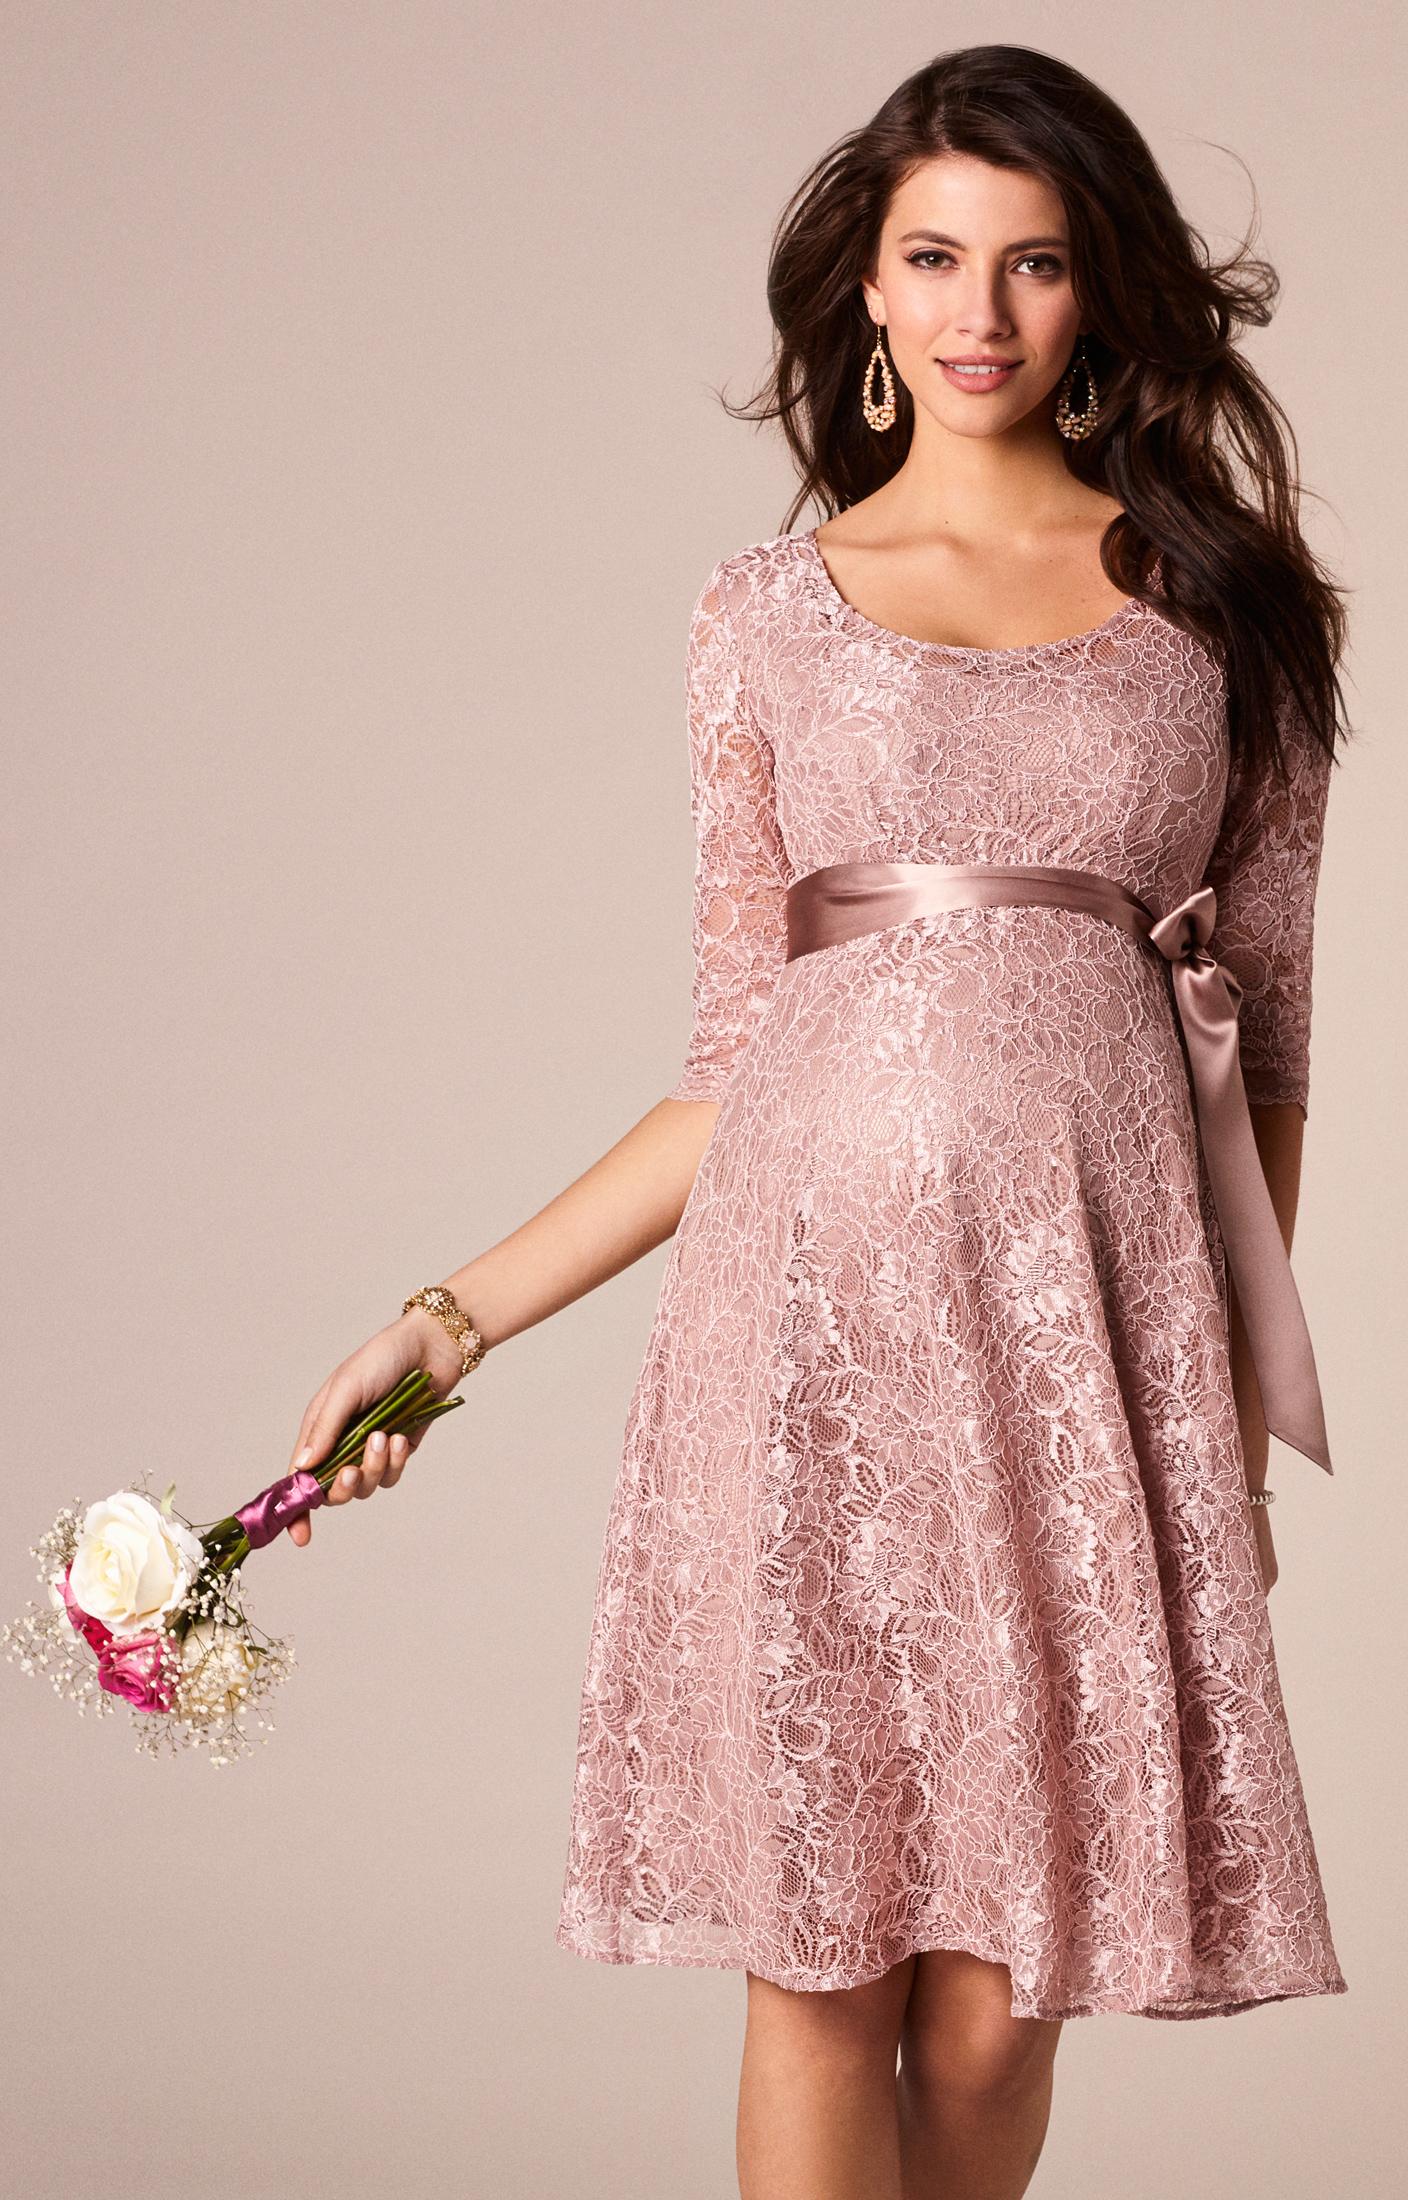 e32f5bfe139c1 Freya Dress